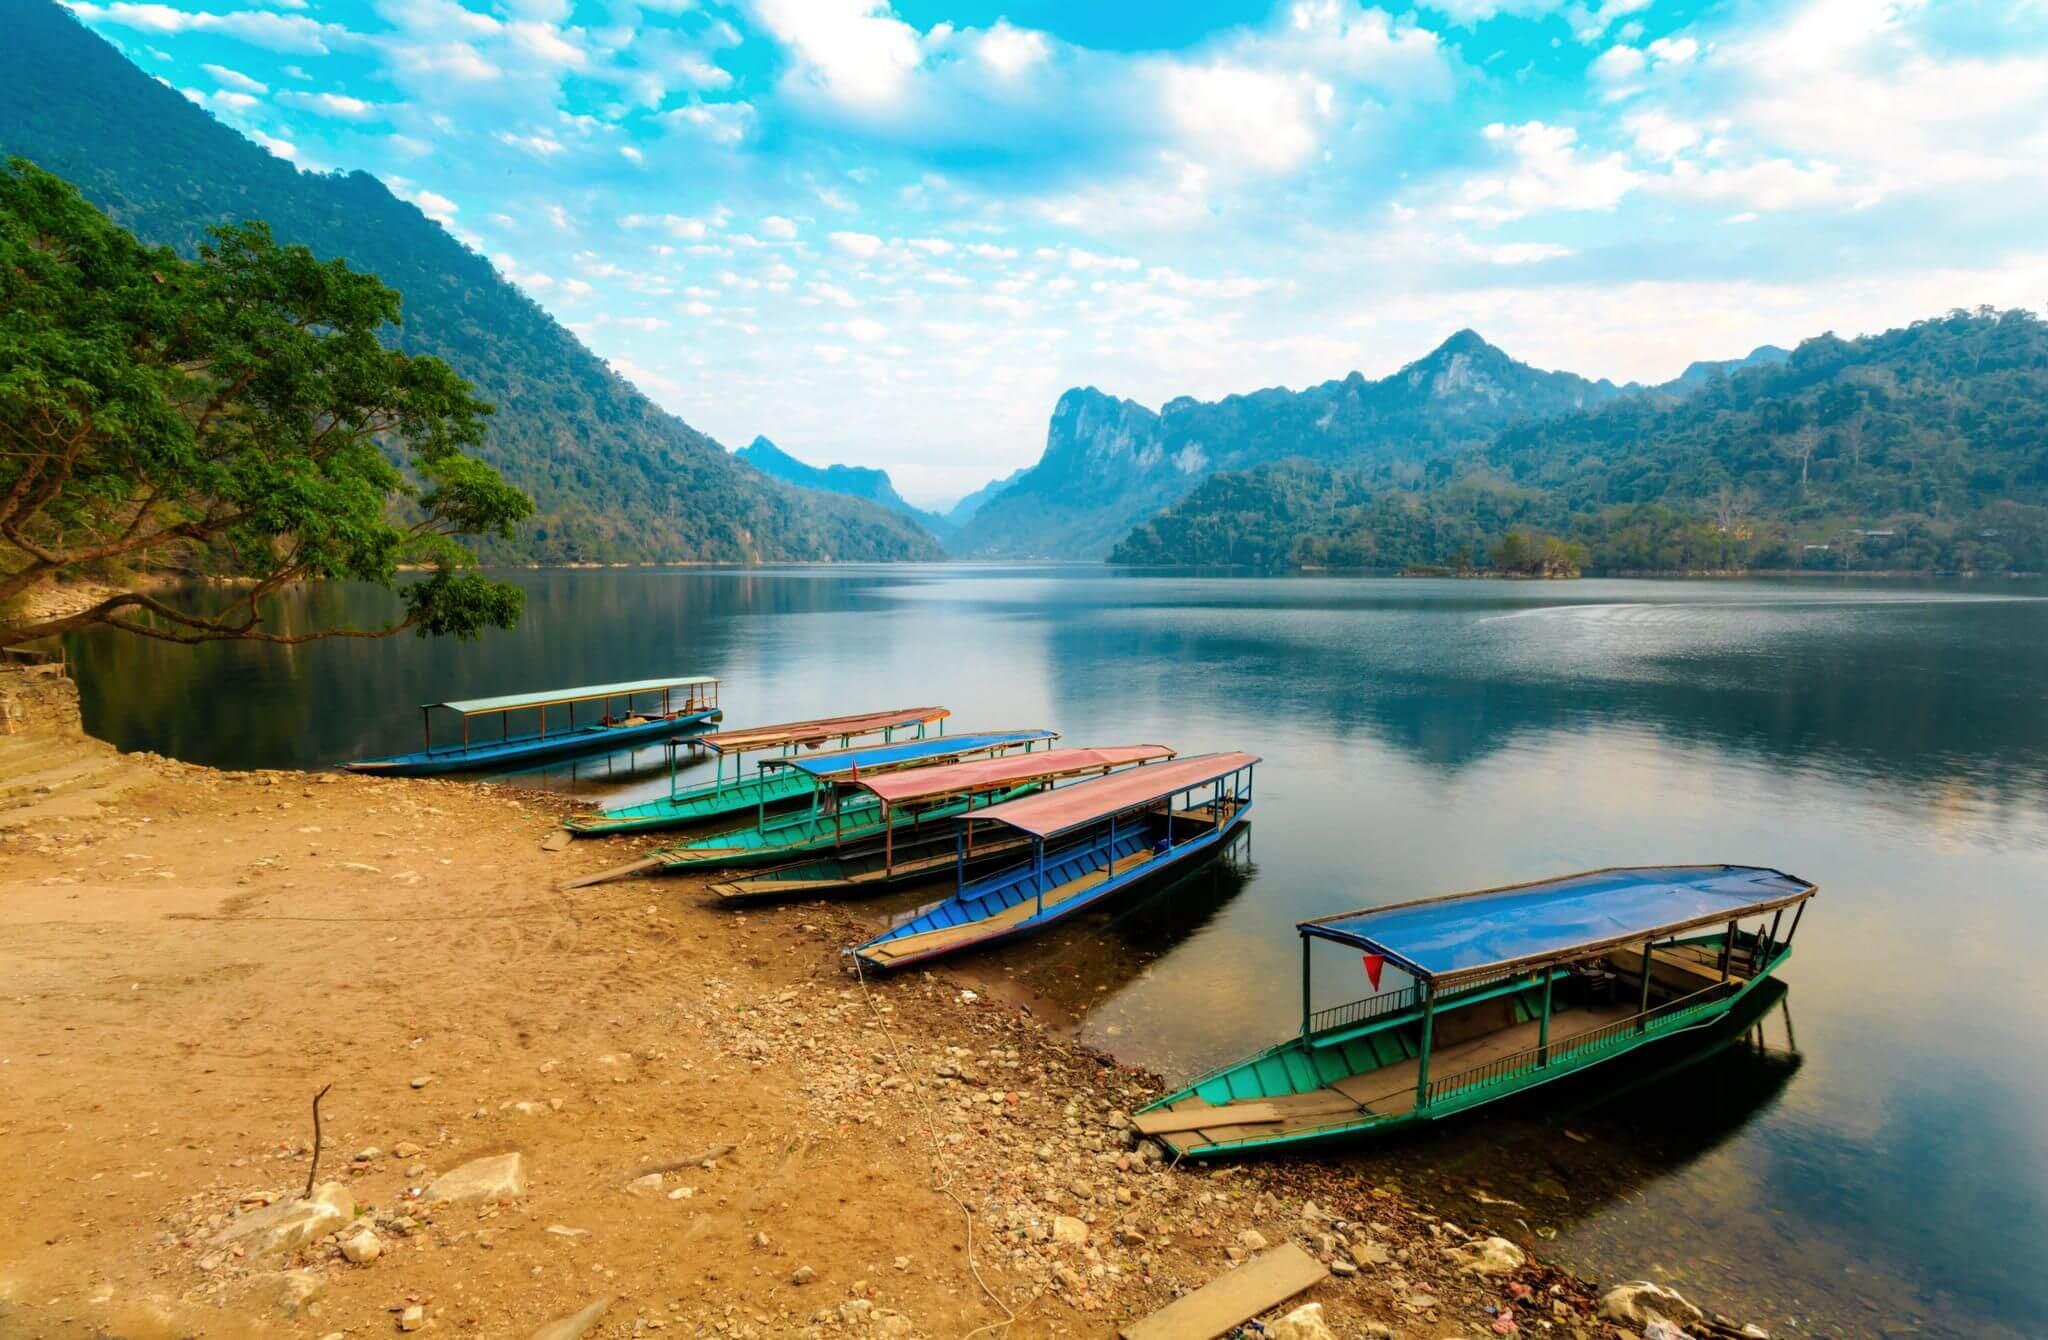 beautes-du-nord-vietnam-14-jours-1